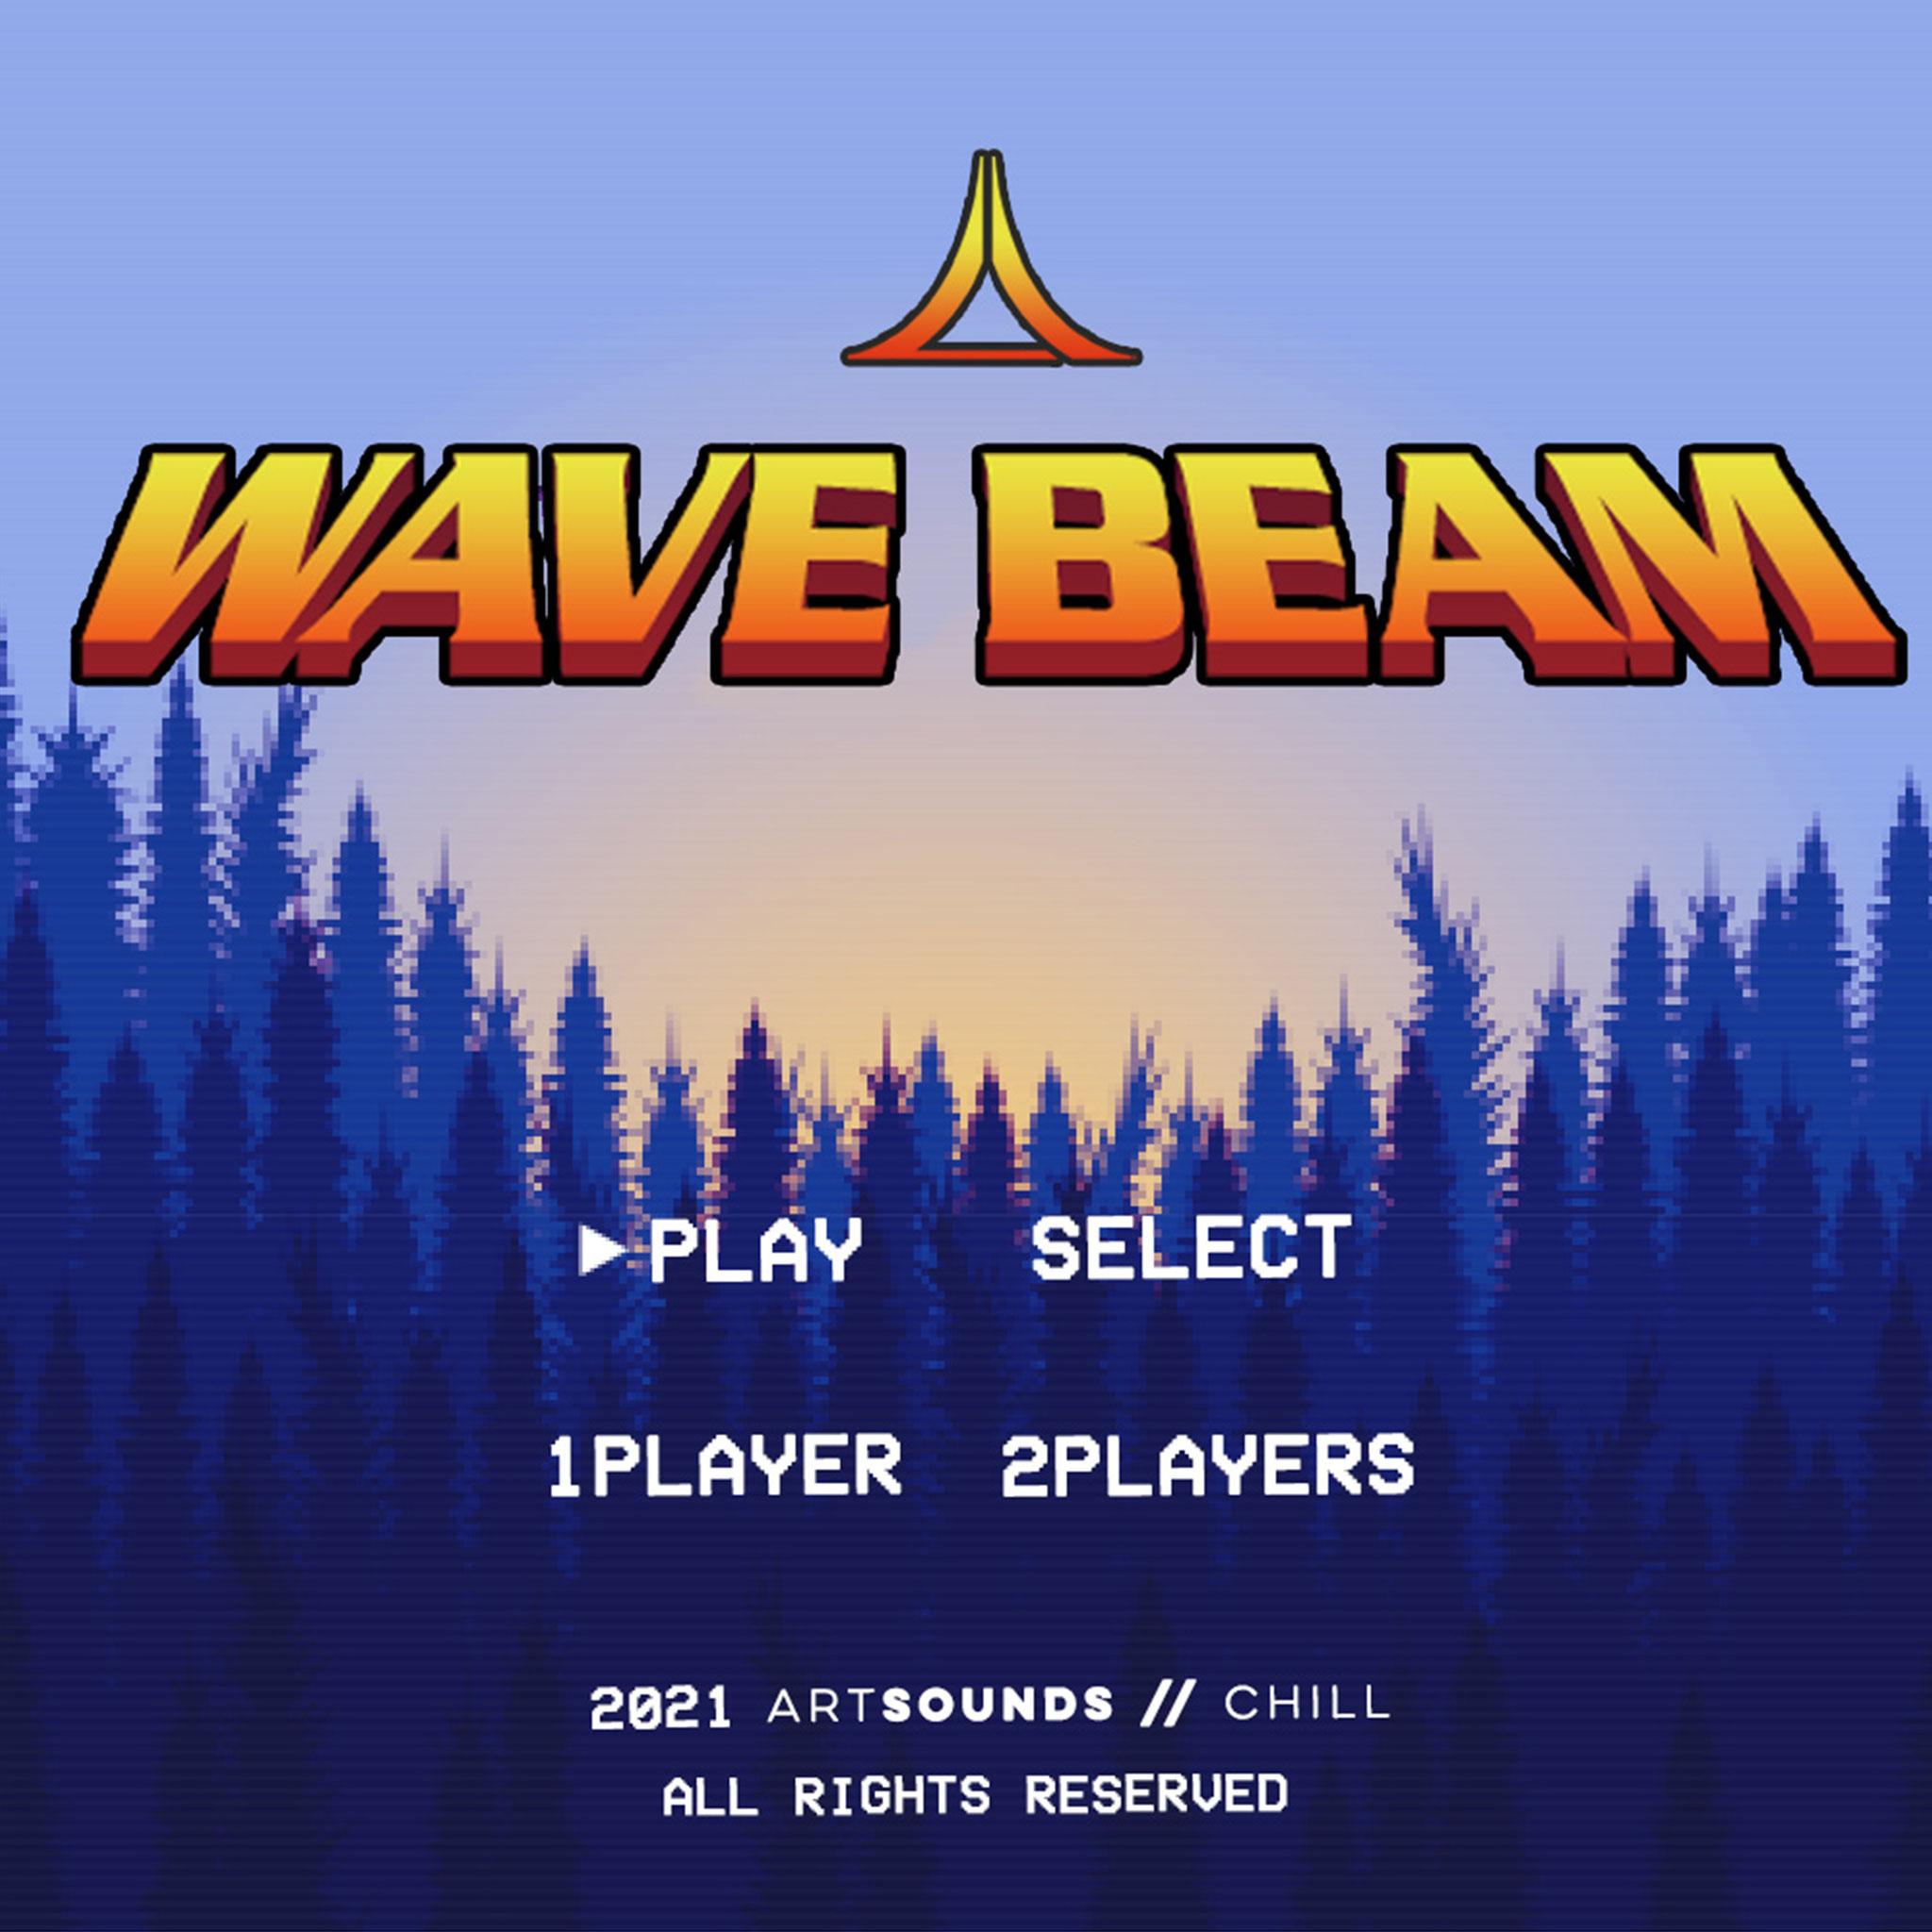 Wave Beam - Beat by Matsuyama / Artsounds